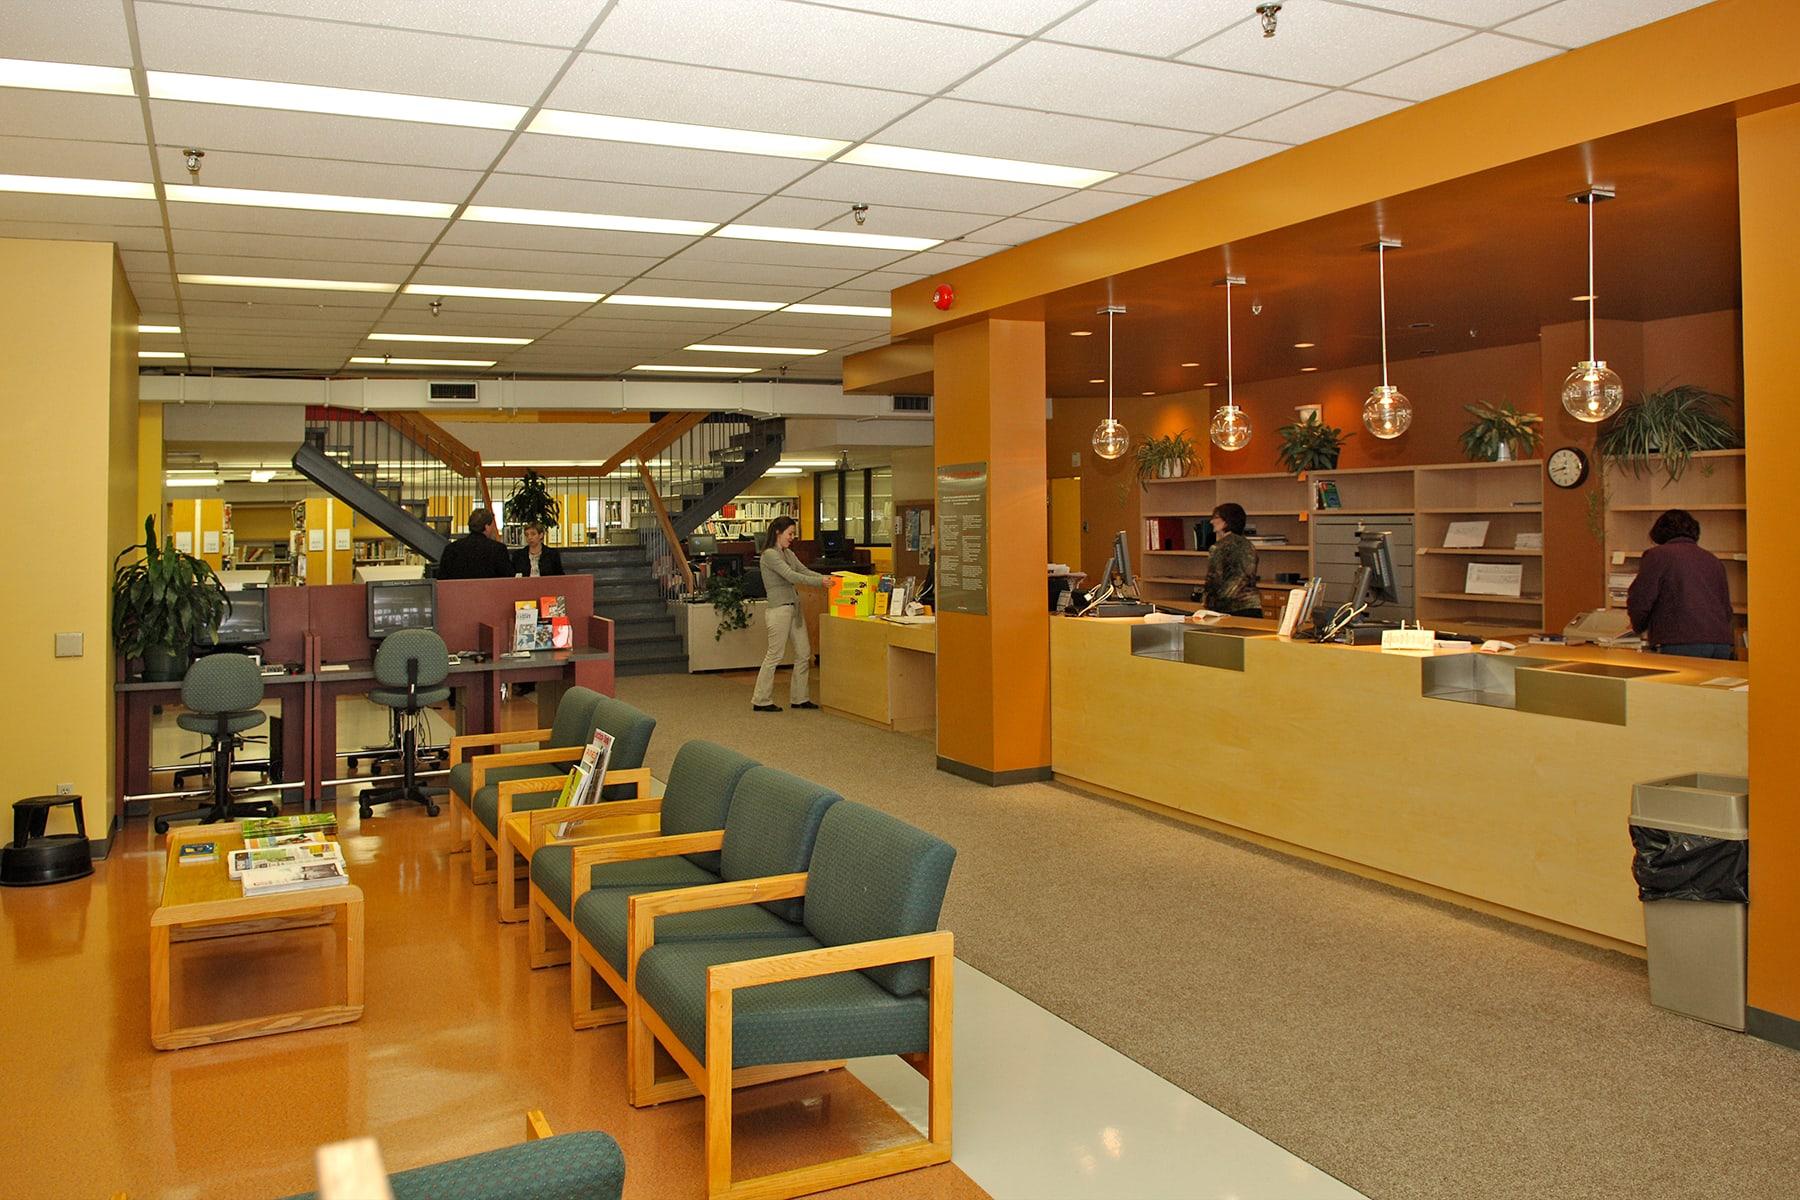 Intérieur de la bibliothèque Langelier - Comptoir d'accueil, aire de lecture et bibliothèques en arrière-plan